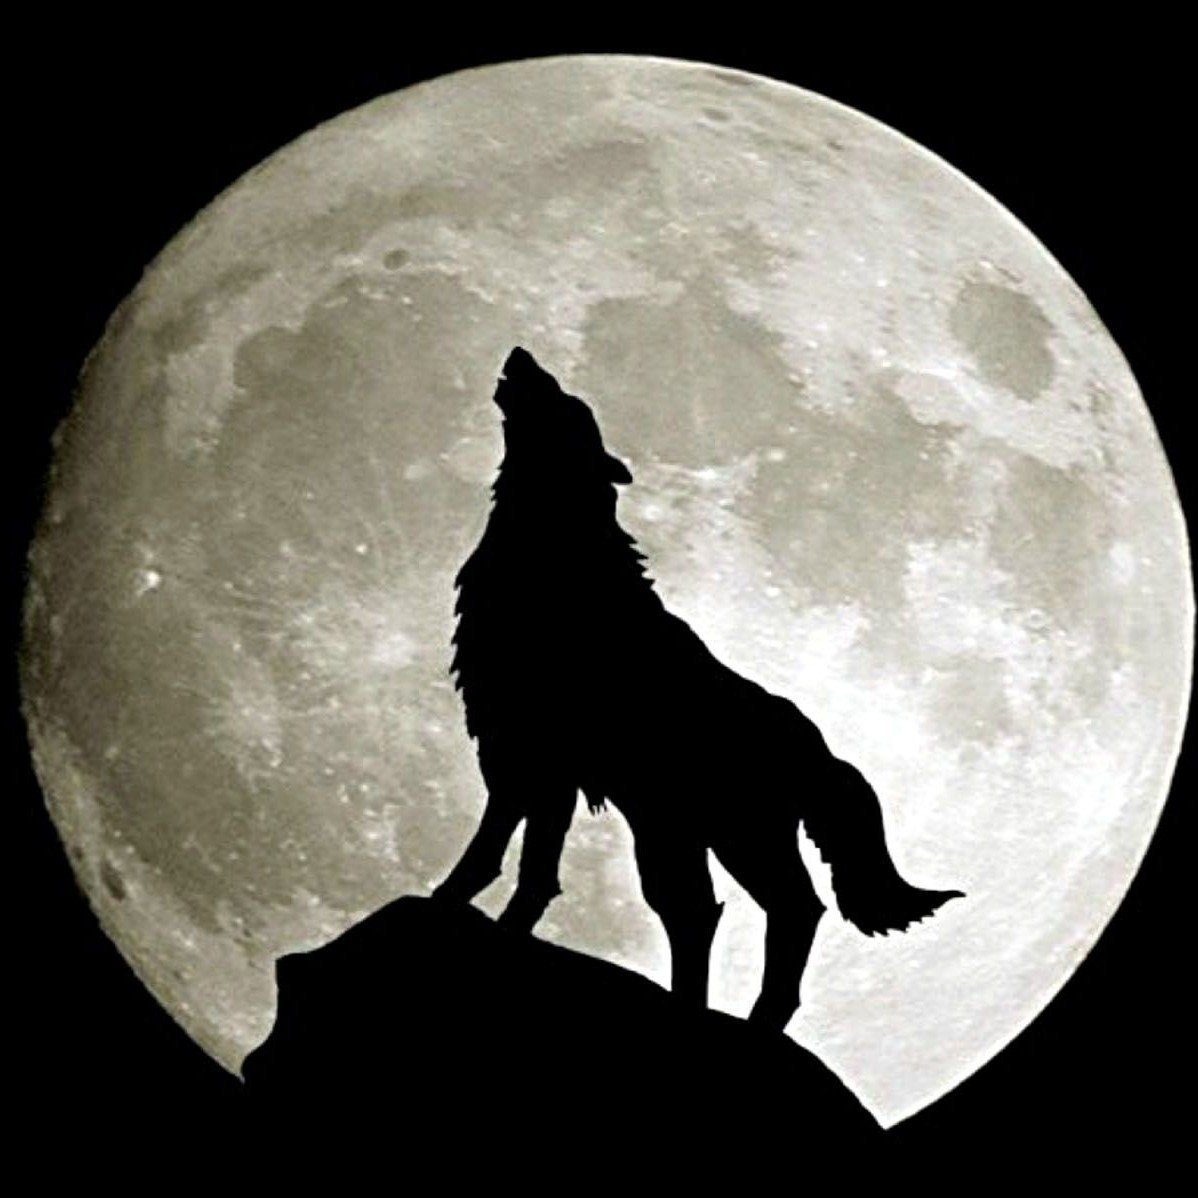 определить, картинки как волк на скале воет на луну любом случае доверять